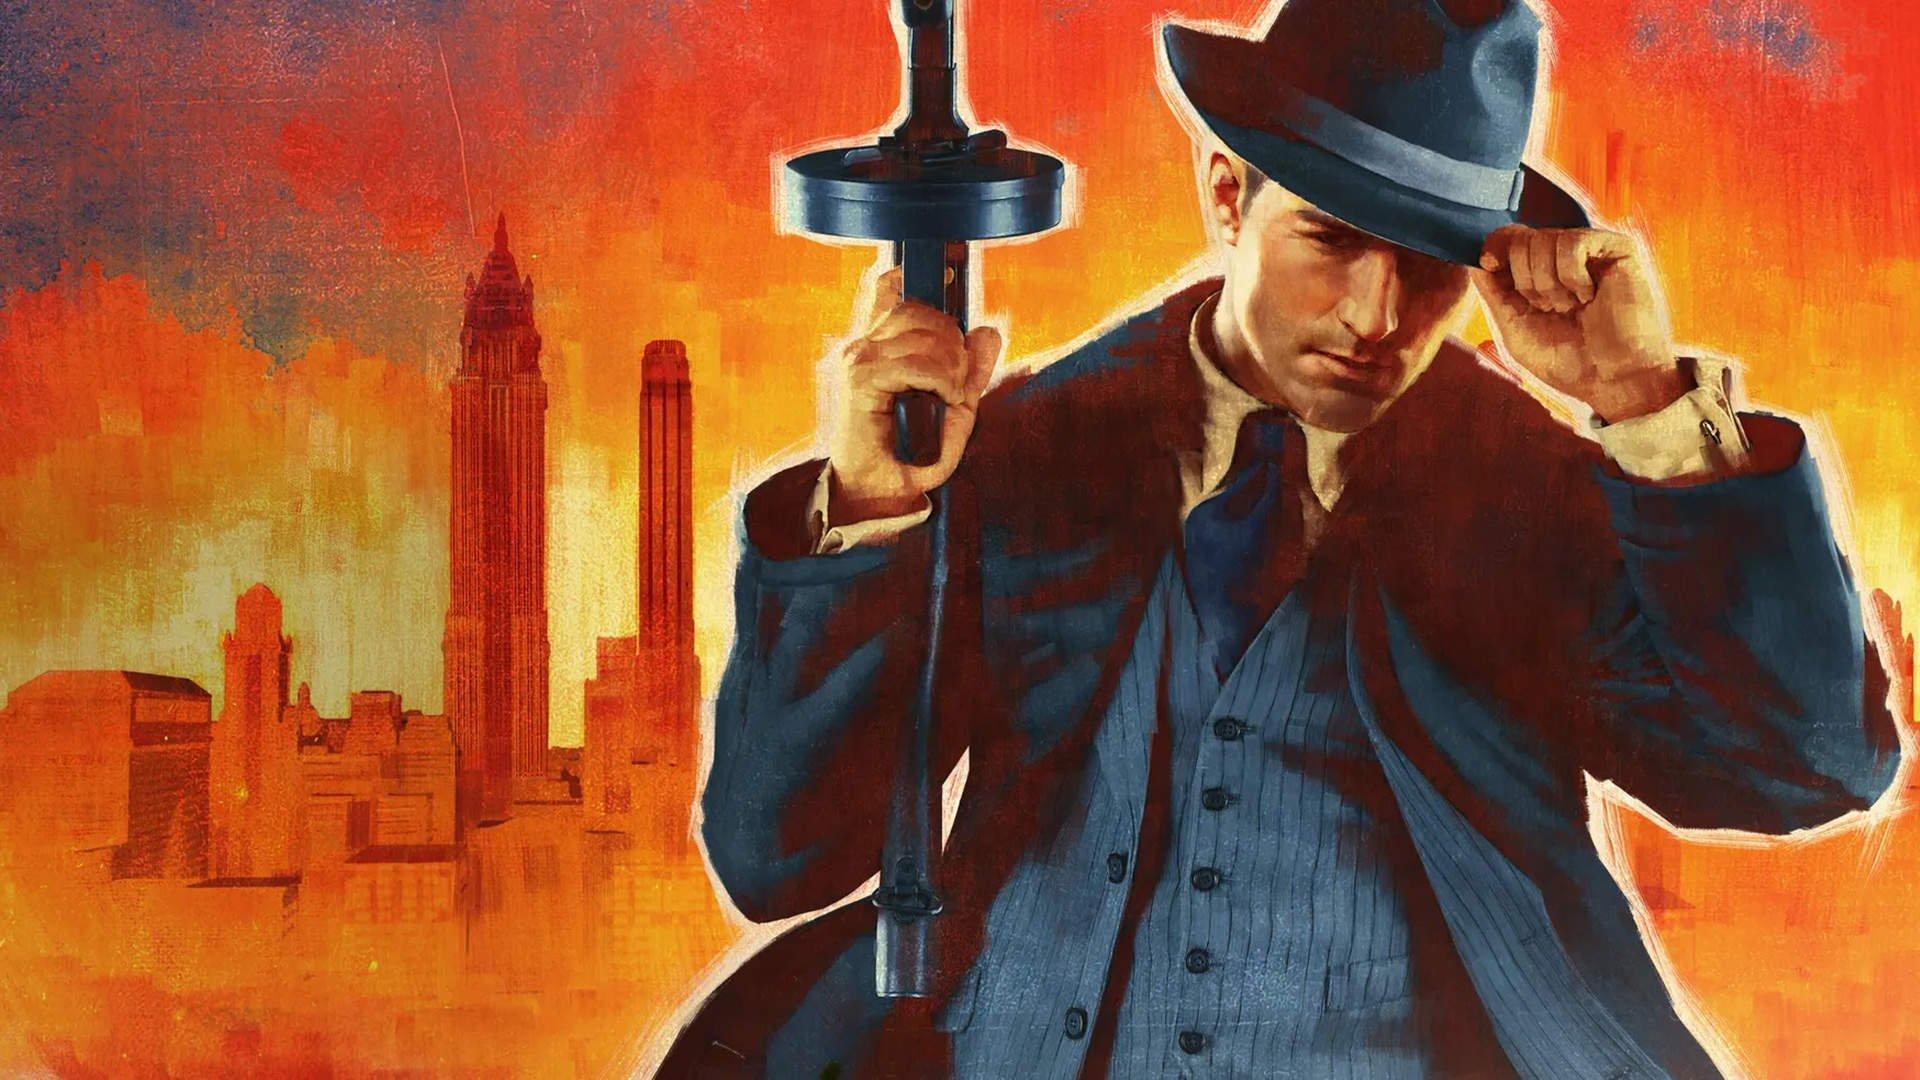 Tommy Angelo: Protagonista Di Mafia Definitive Edition